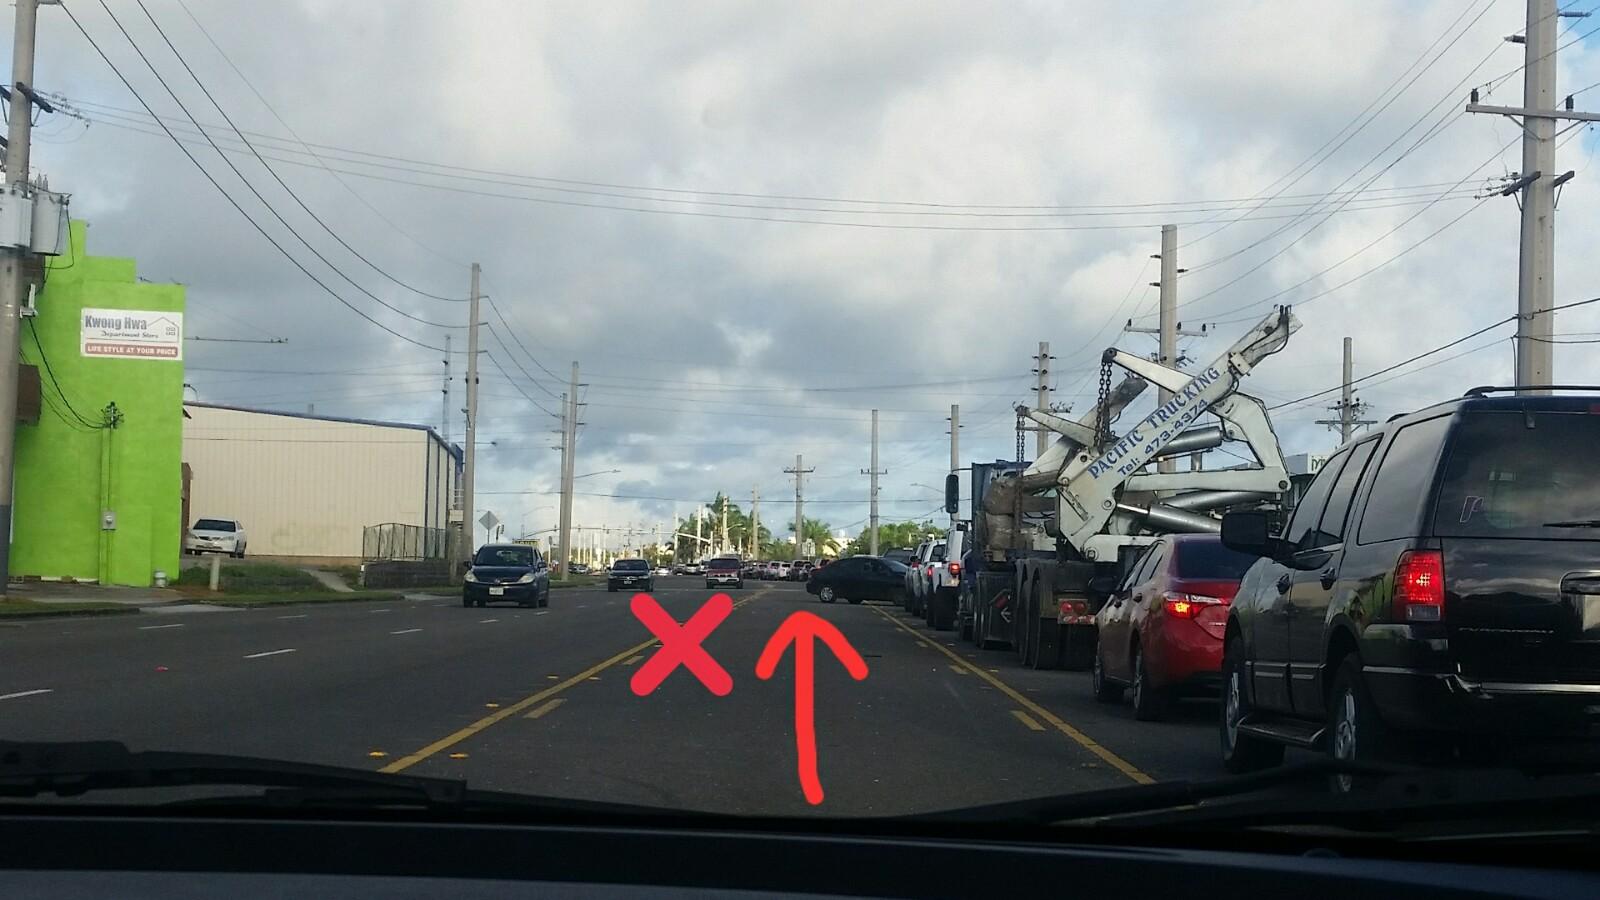 アメリカグアム中央車線センターレーンルール使い方直進不可